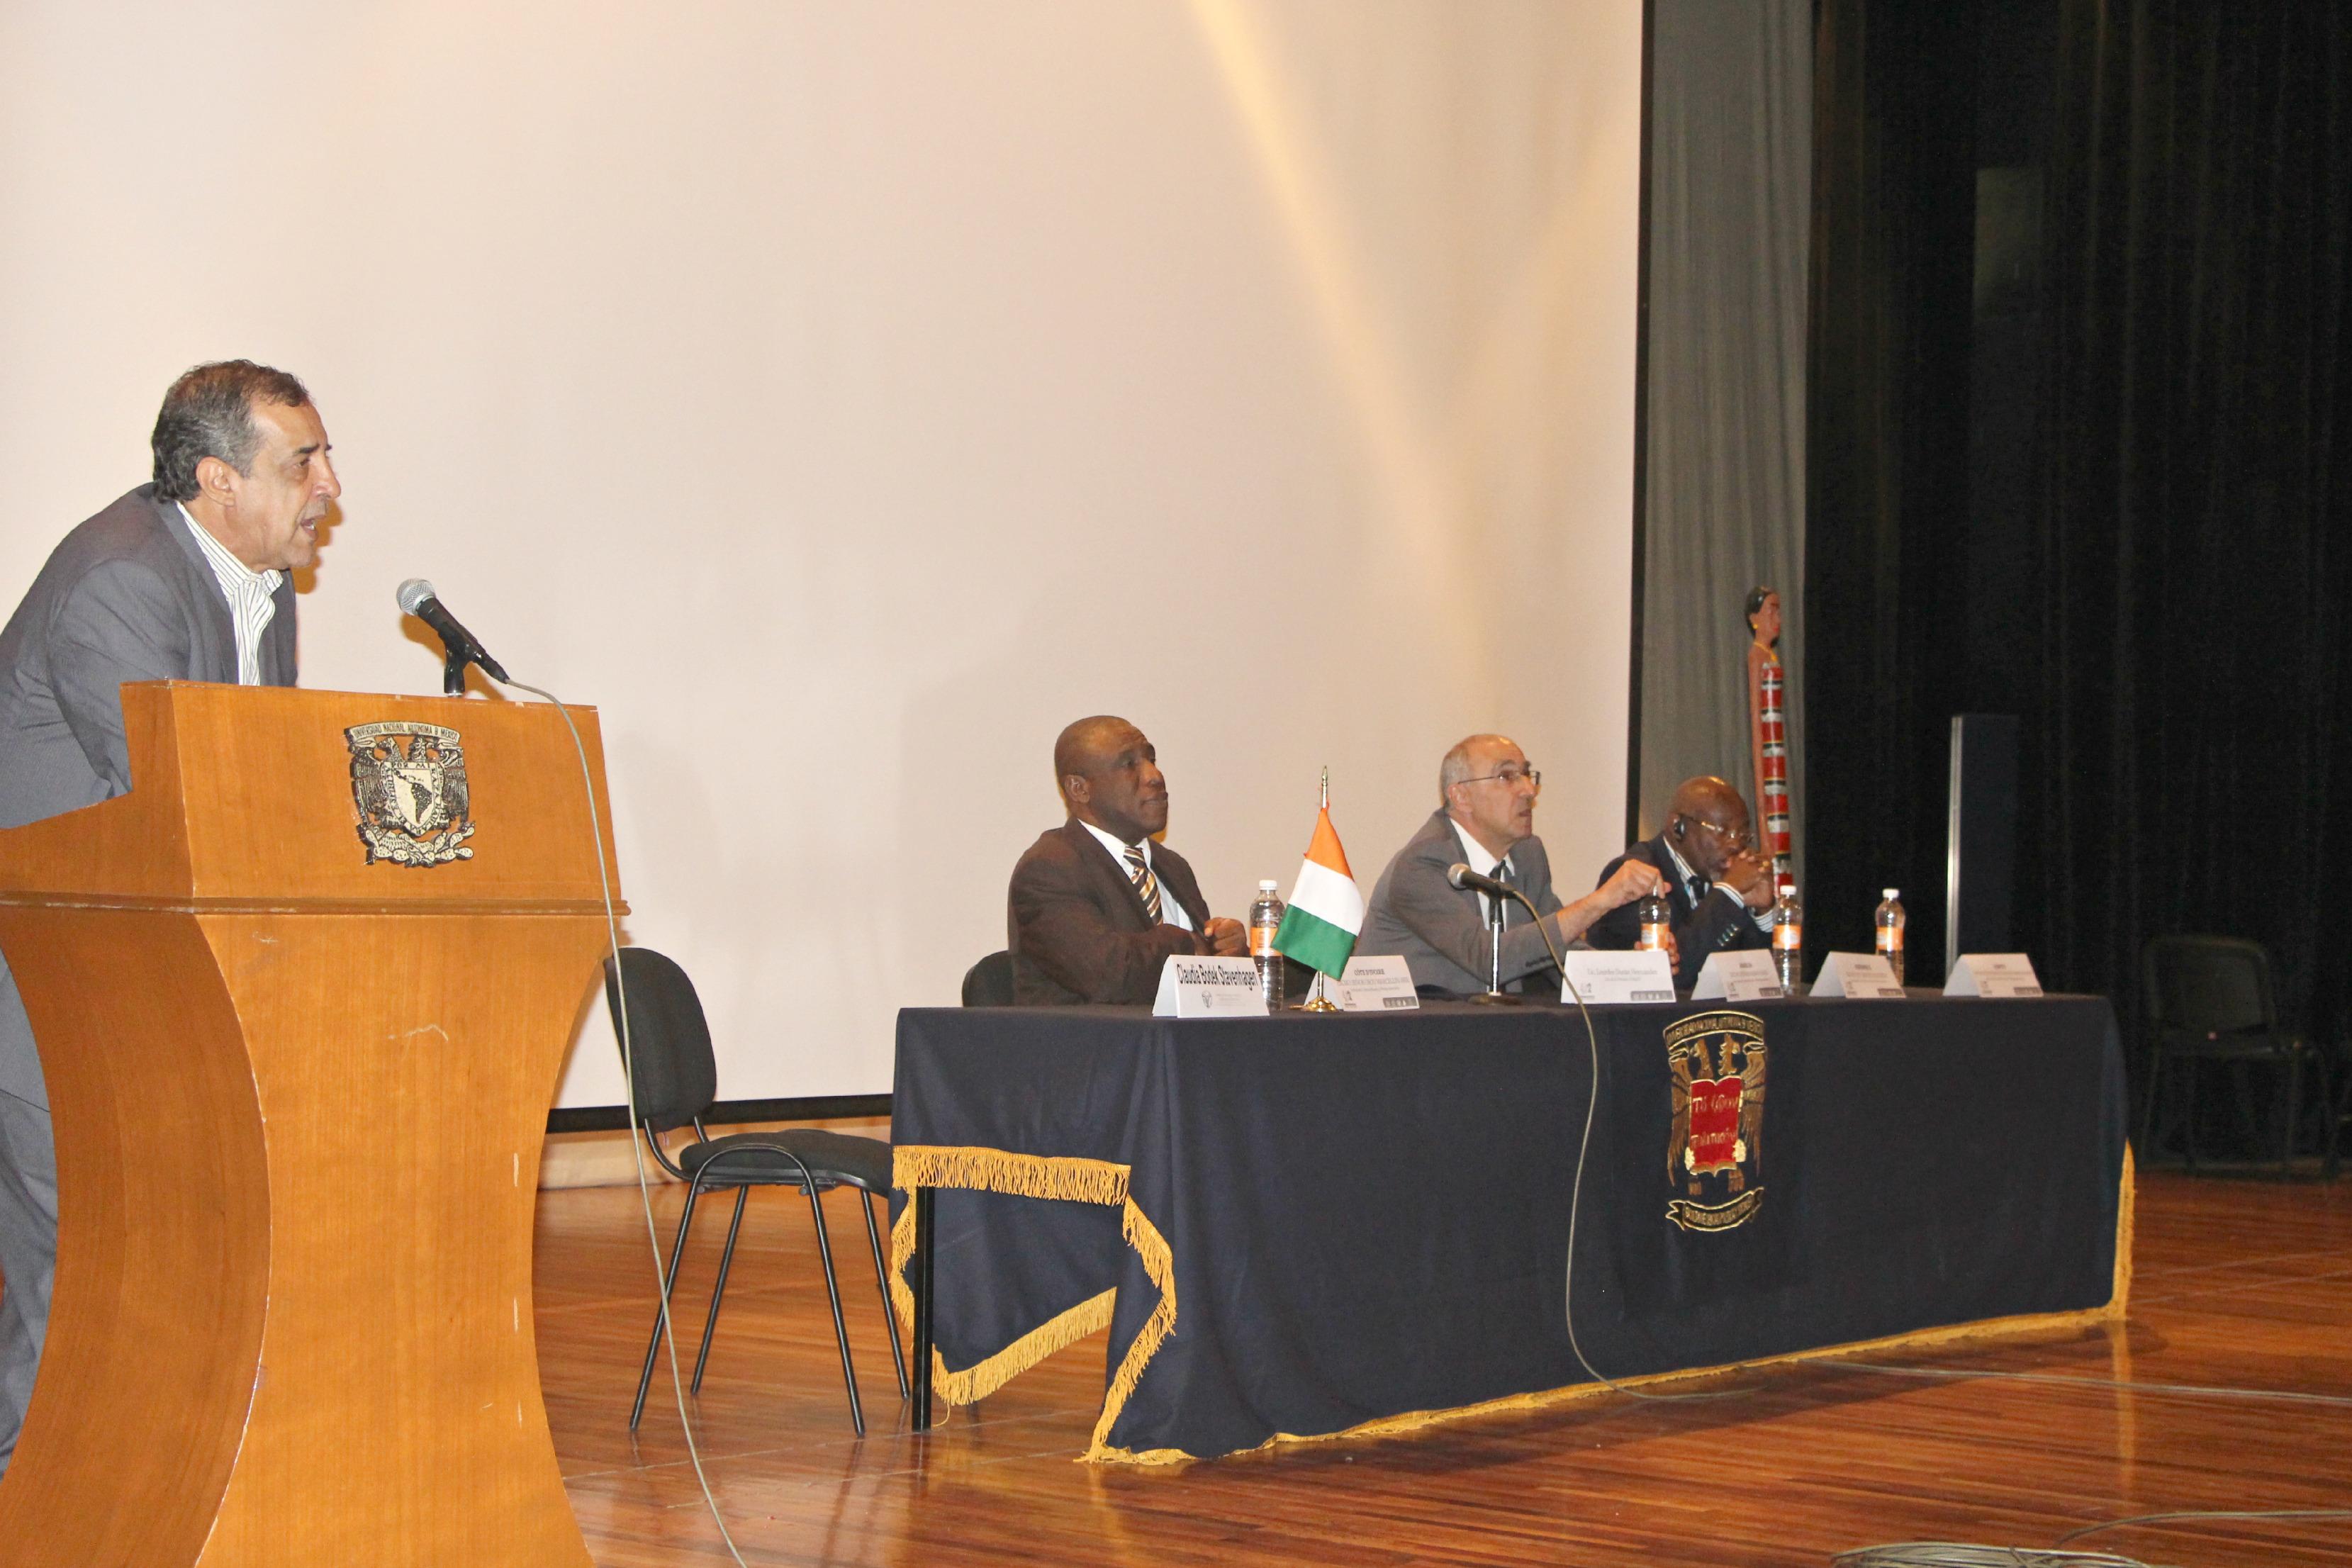 Educación_intercultural,_1er_Encuentro_Intercultural_África-México,_FCPyS-UNAM_3